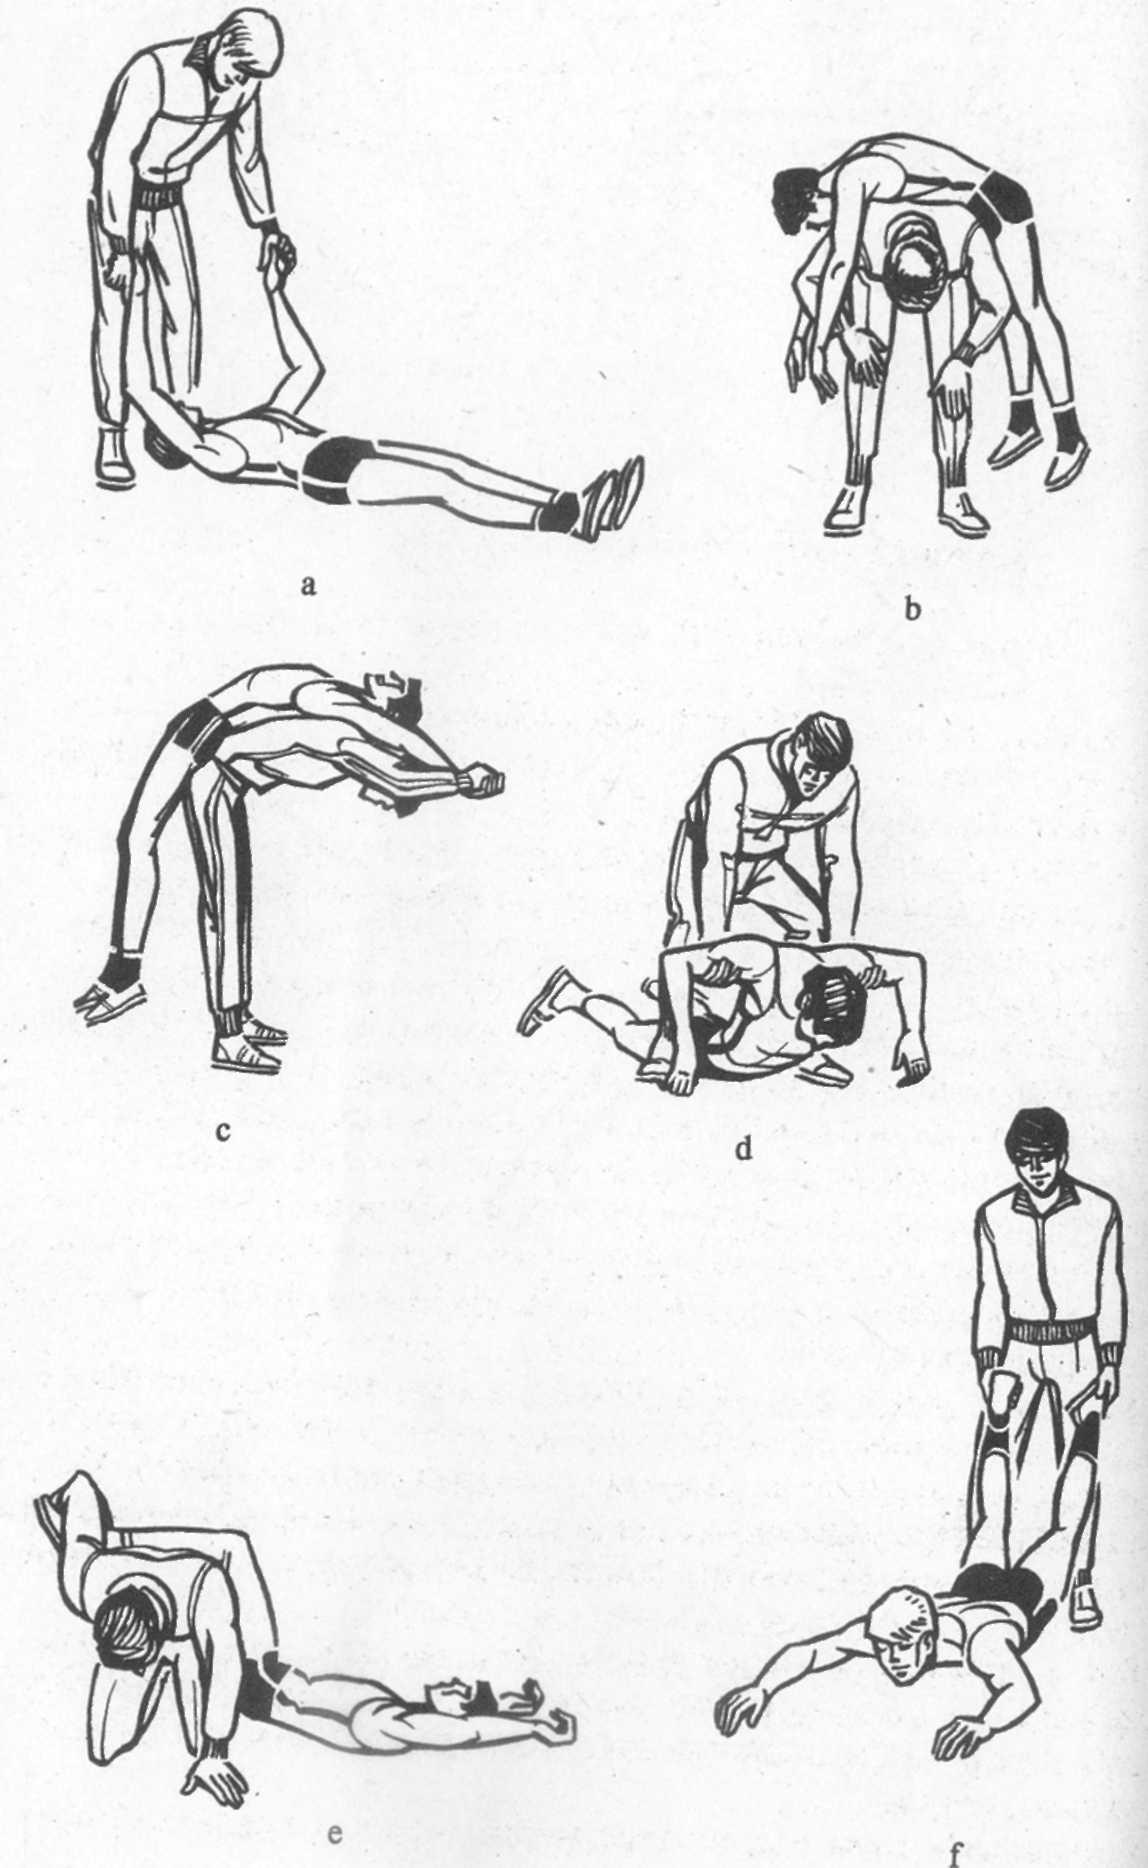 Упражнения на равновесие, комплекс упражнений на баланс для детей и взрослых